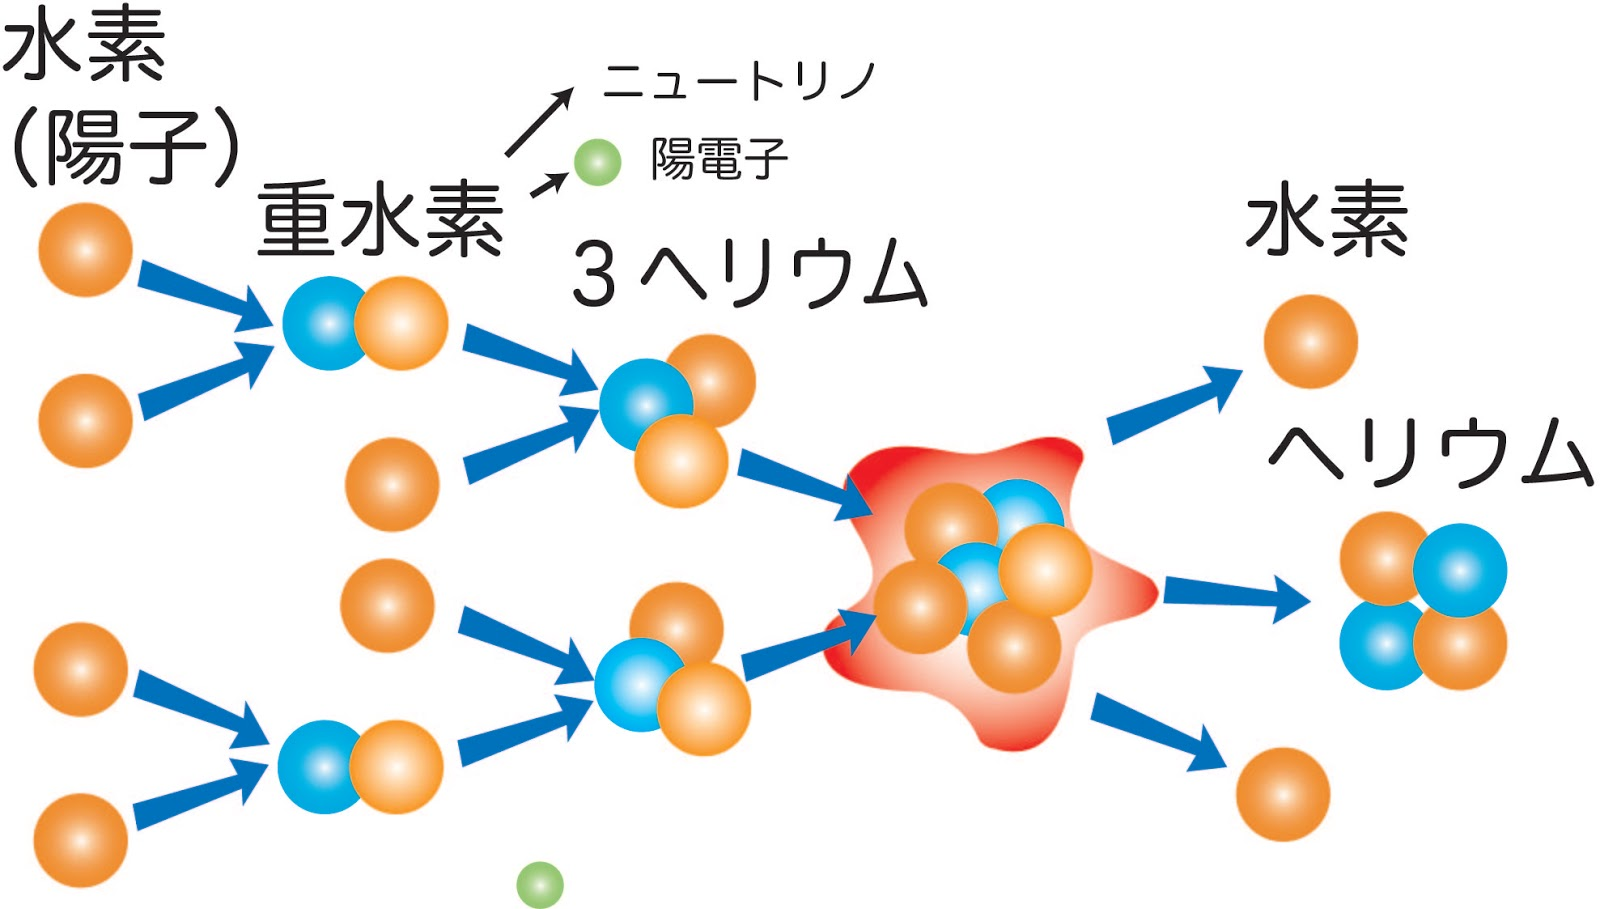 空の太陽と地上の太陽「核融合発電」の違い